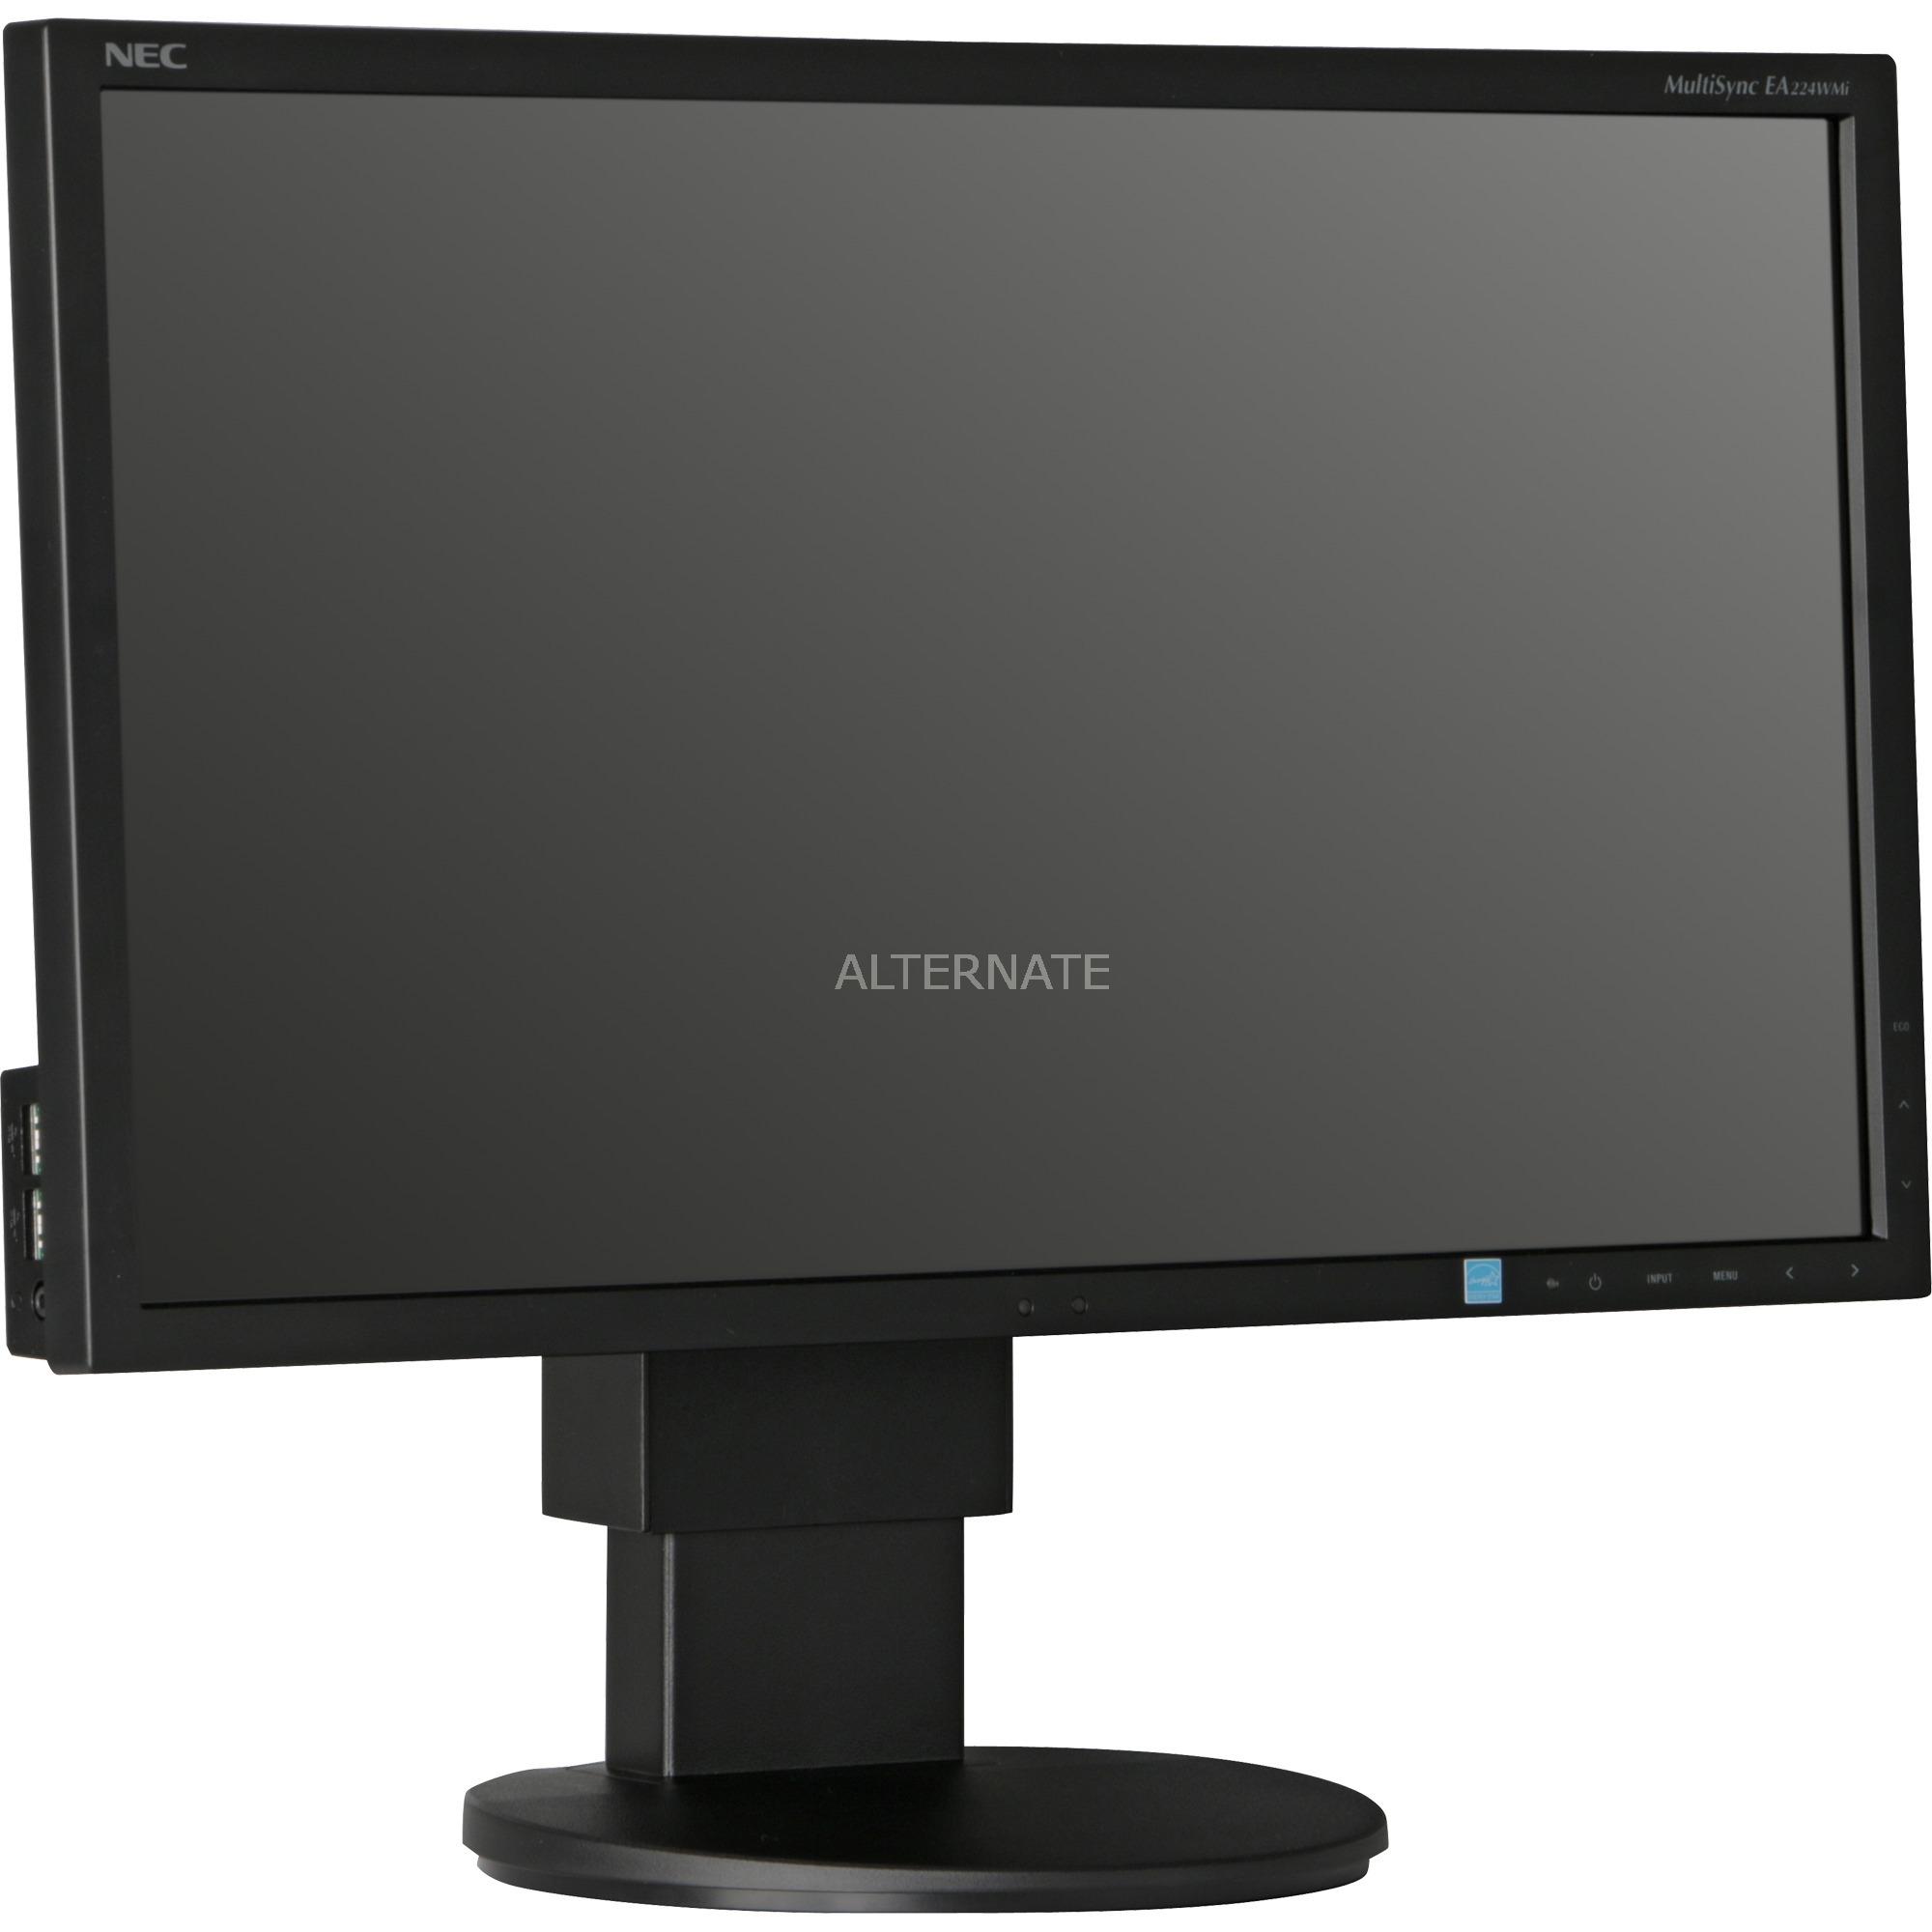 MultiSync EA224WMi 21.5